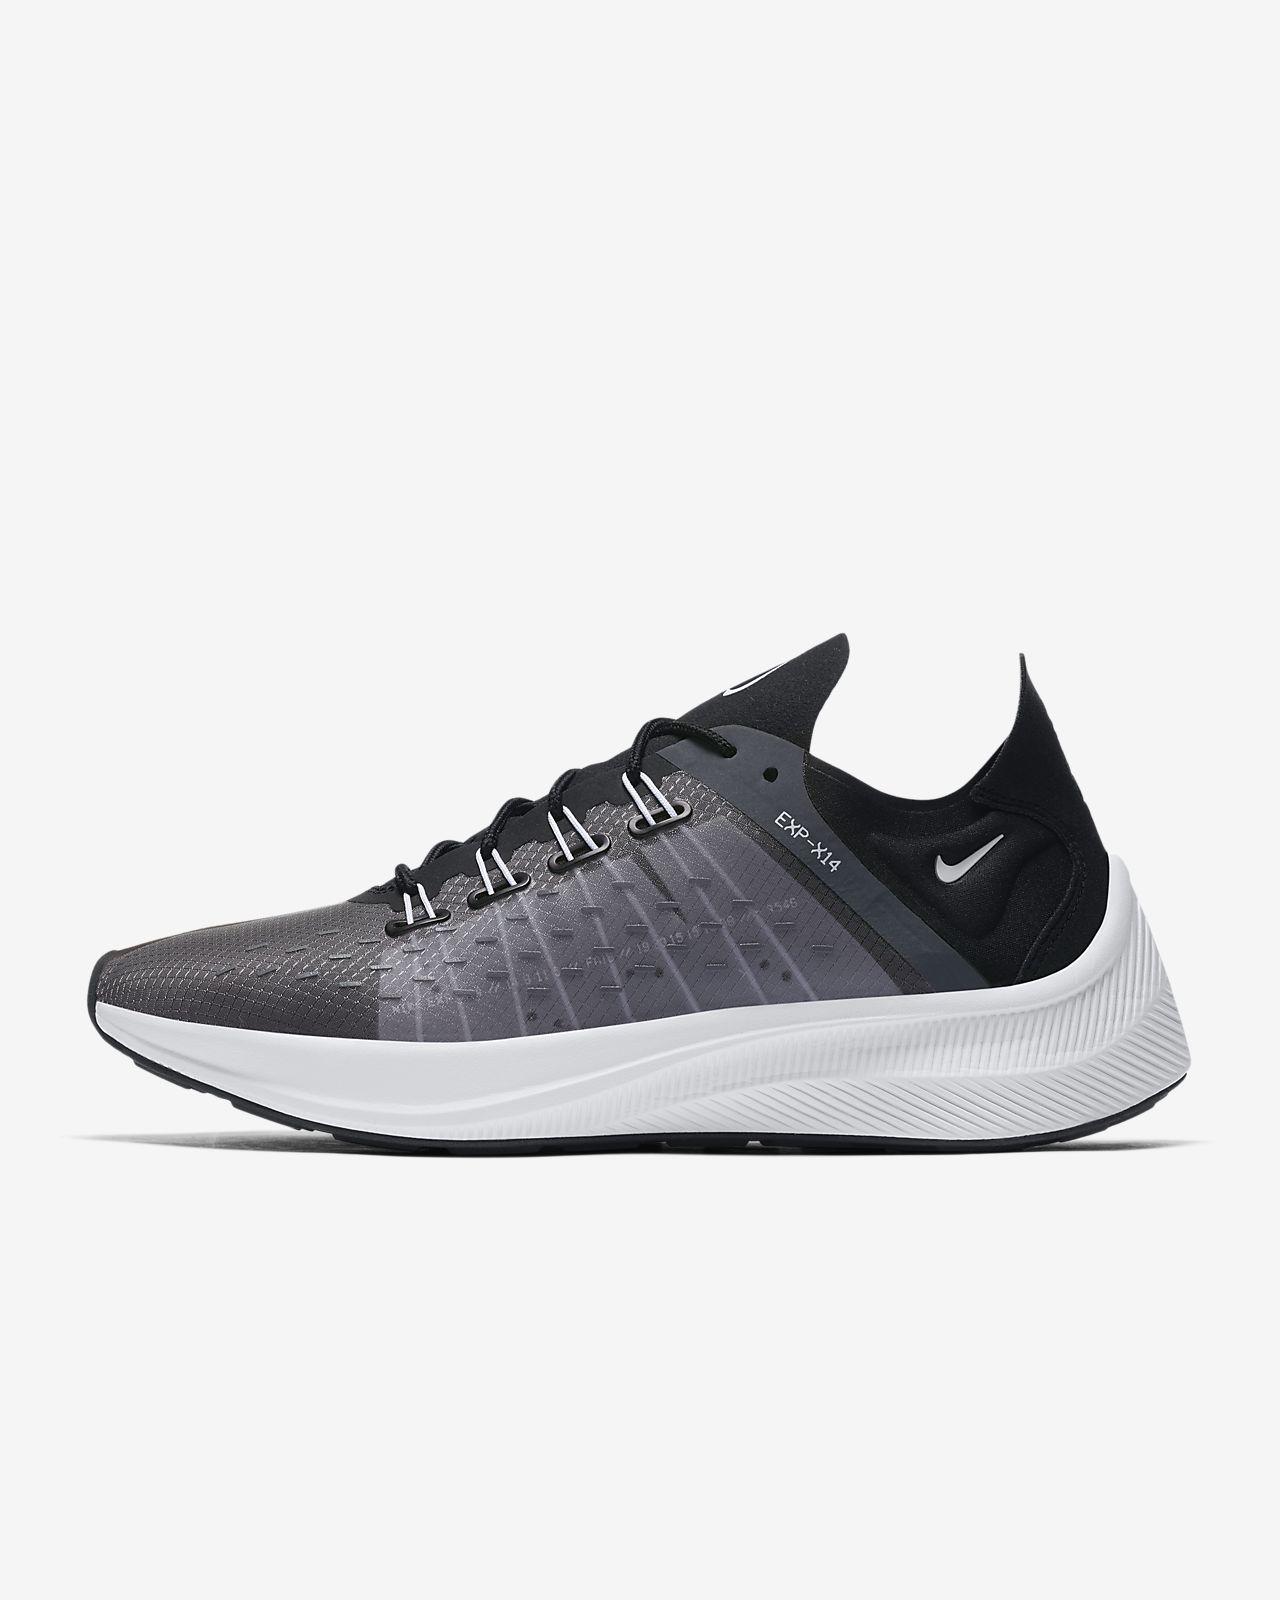 632f006aa5a5 Nike EXP-X14 Women s Shoe. Nike.com GB